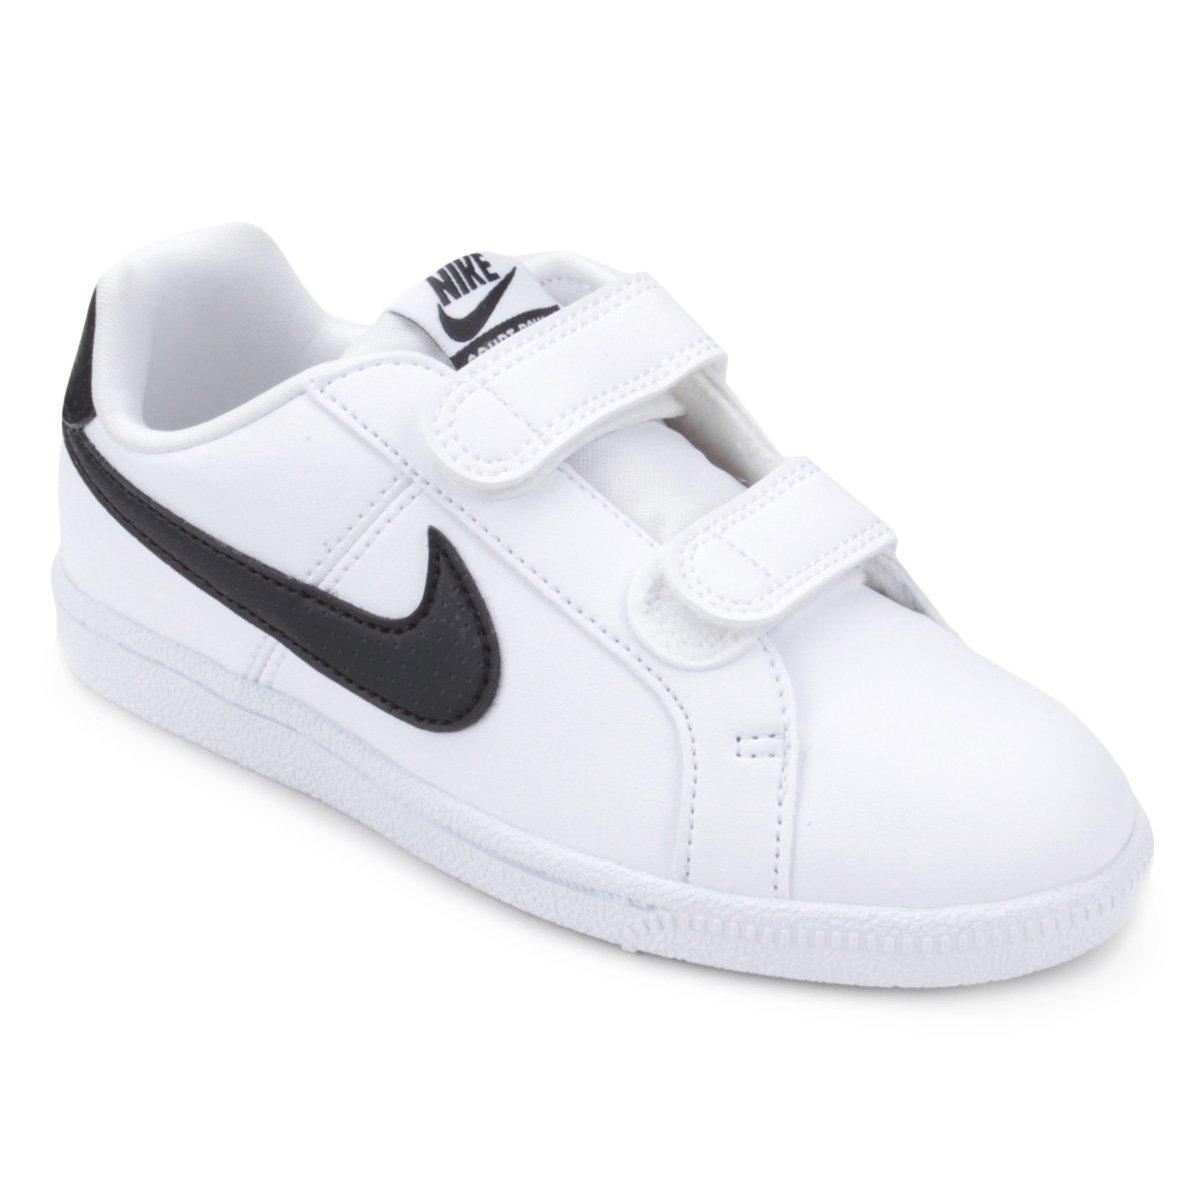 8a2e2df3e55cb Tênis Infantil Nike Court Royale Masculino - Branco e Preto | Shop Timão